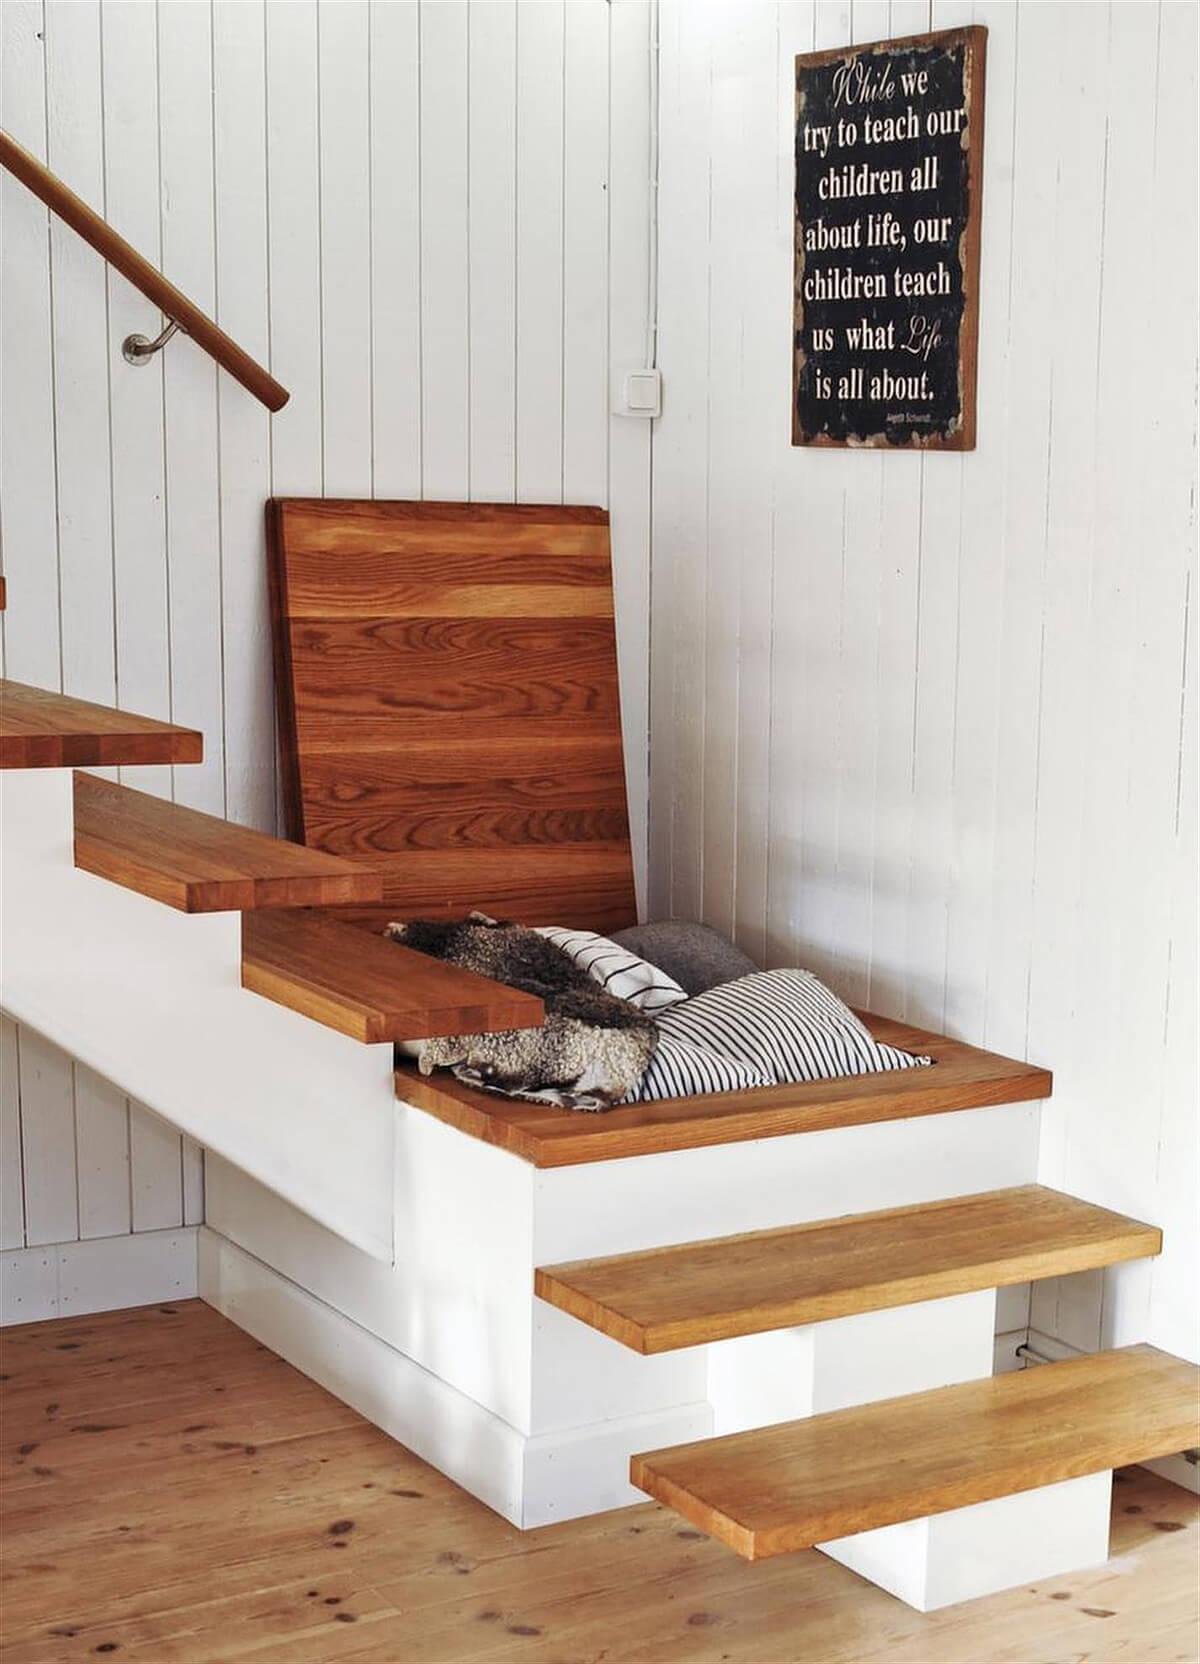 Rangement de linge caché dans le palier d'escalier